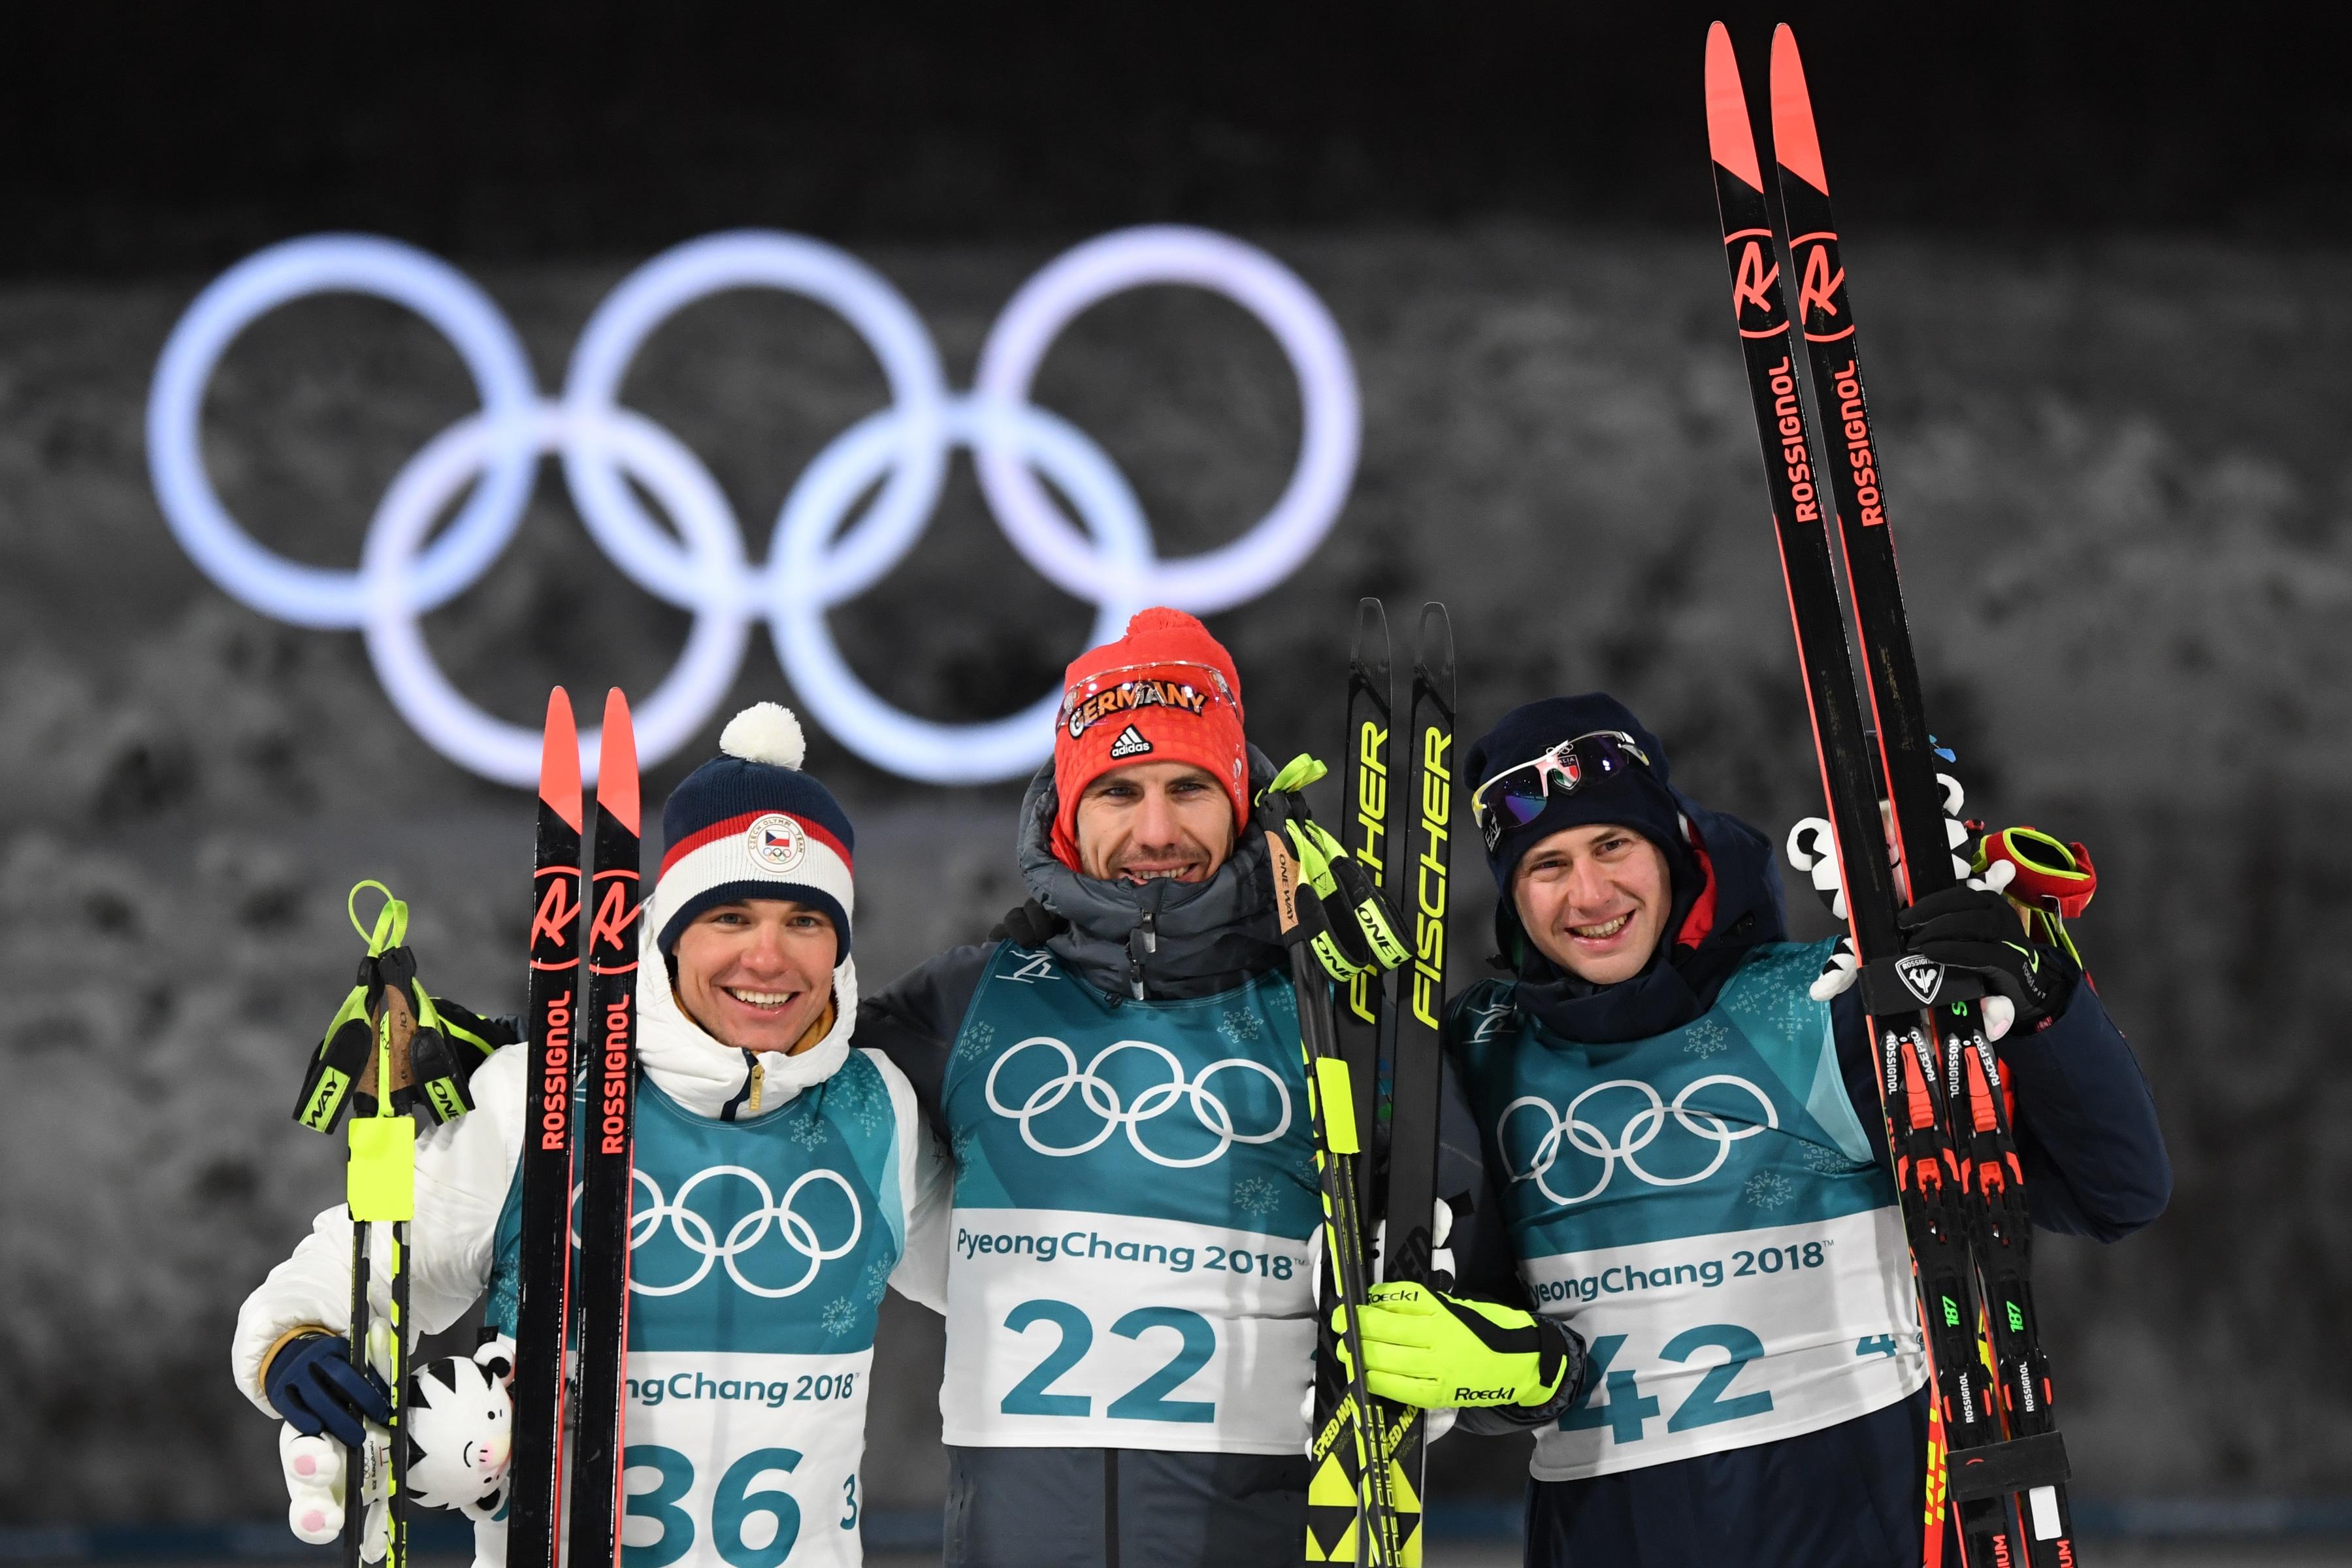 Olimpiadi PyeongChang Windisch bronzo biathlon